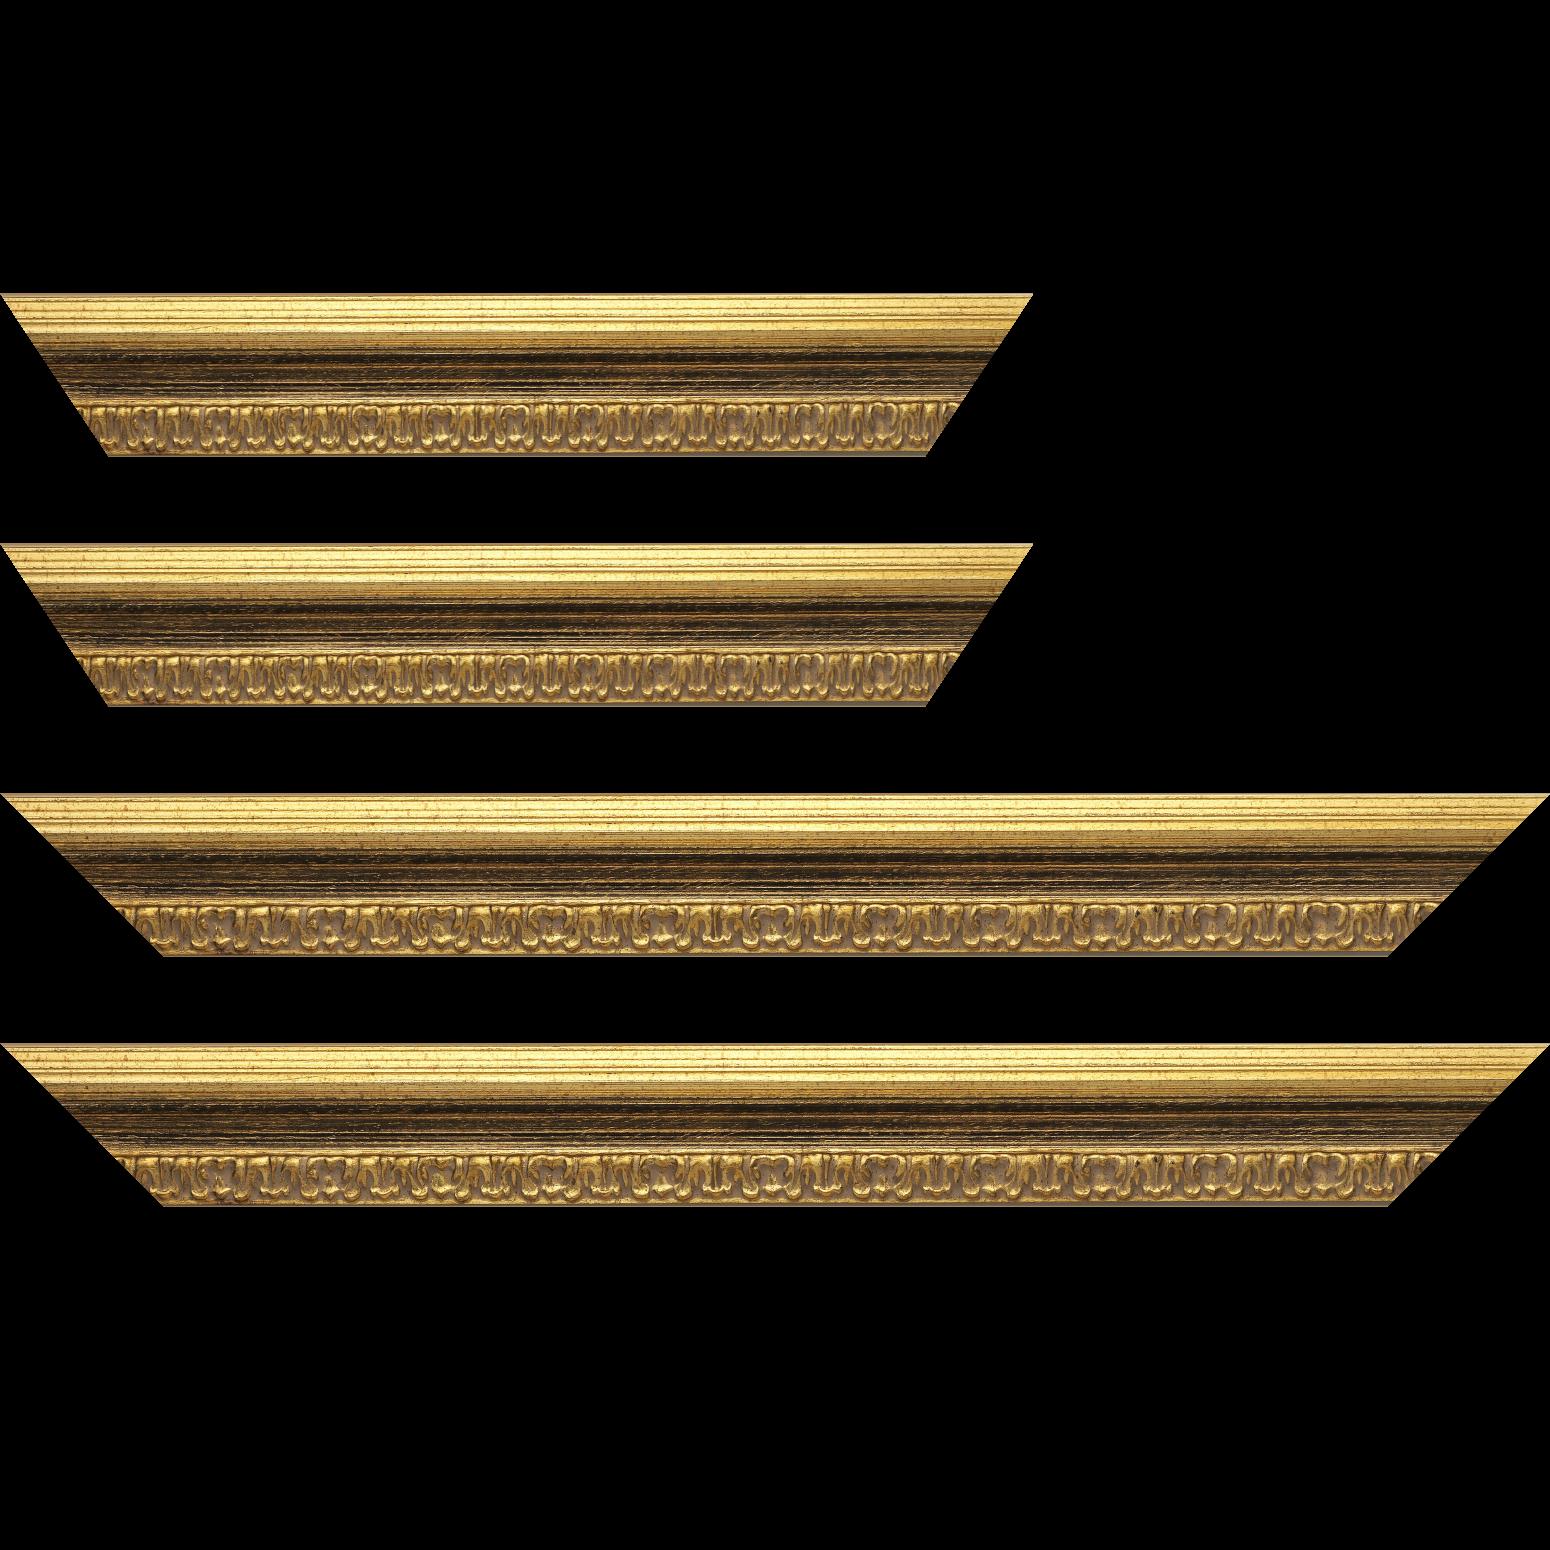 Baguette service précoupé bois profil incurvé largeur 5.1cm couleur or patiné à la feuille gorge noire fond or nez ornement